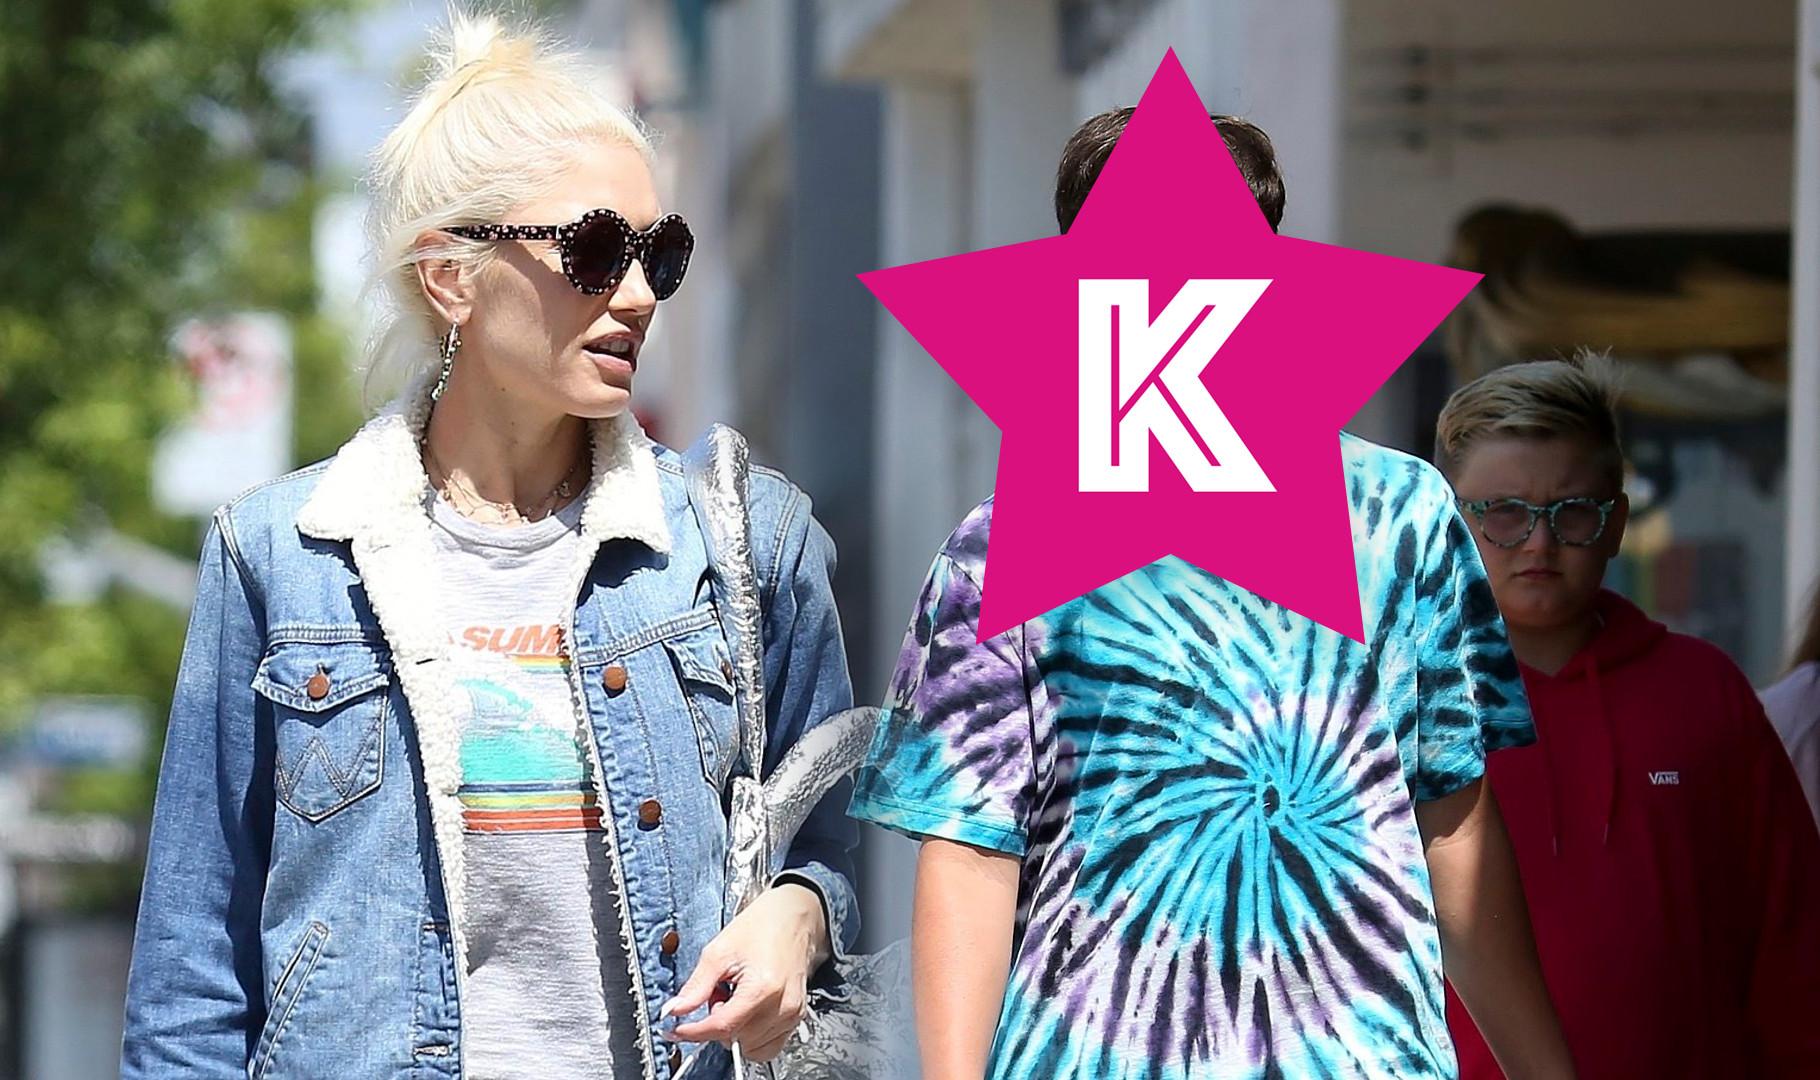 Mama ubrana doskonale, a synowie? Dzieci Gwen Stefani mają dziwaczny styl (ZDJĘCIA)